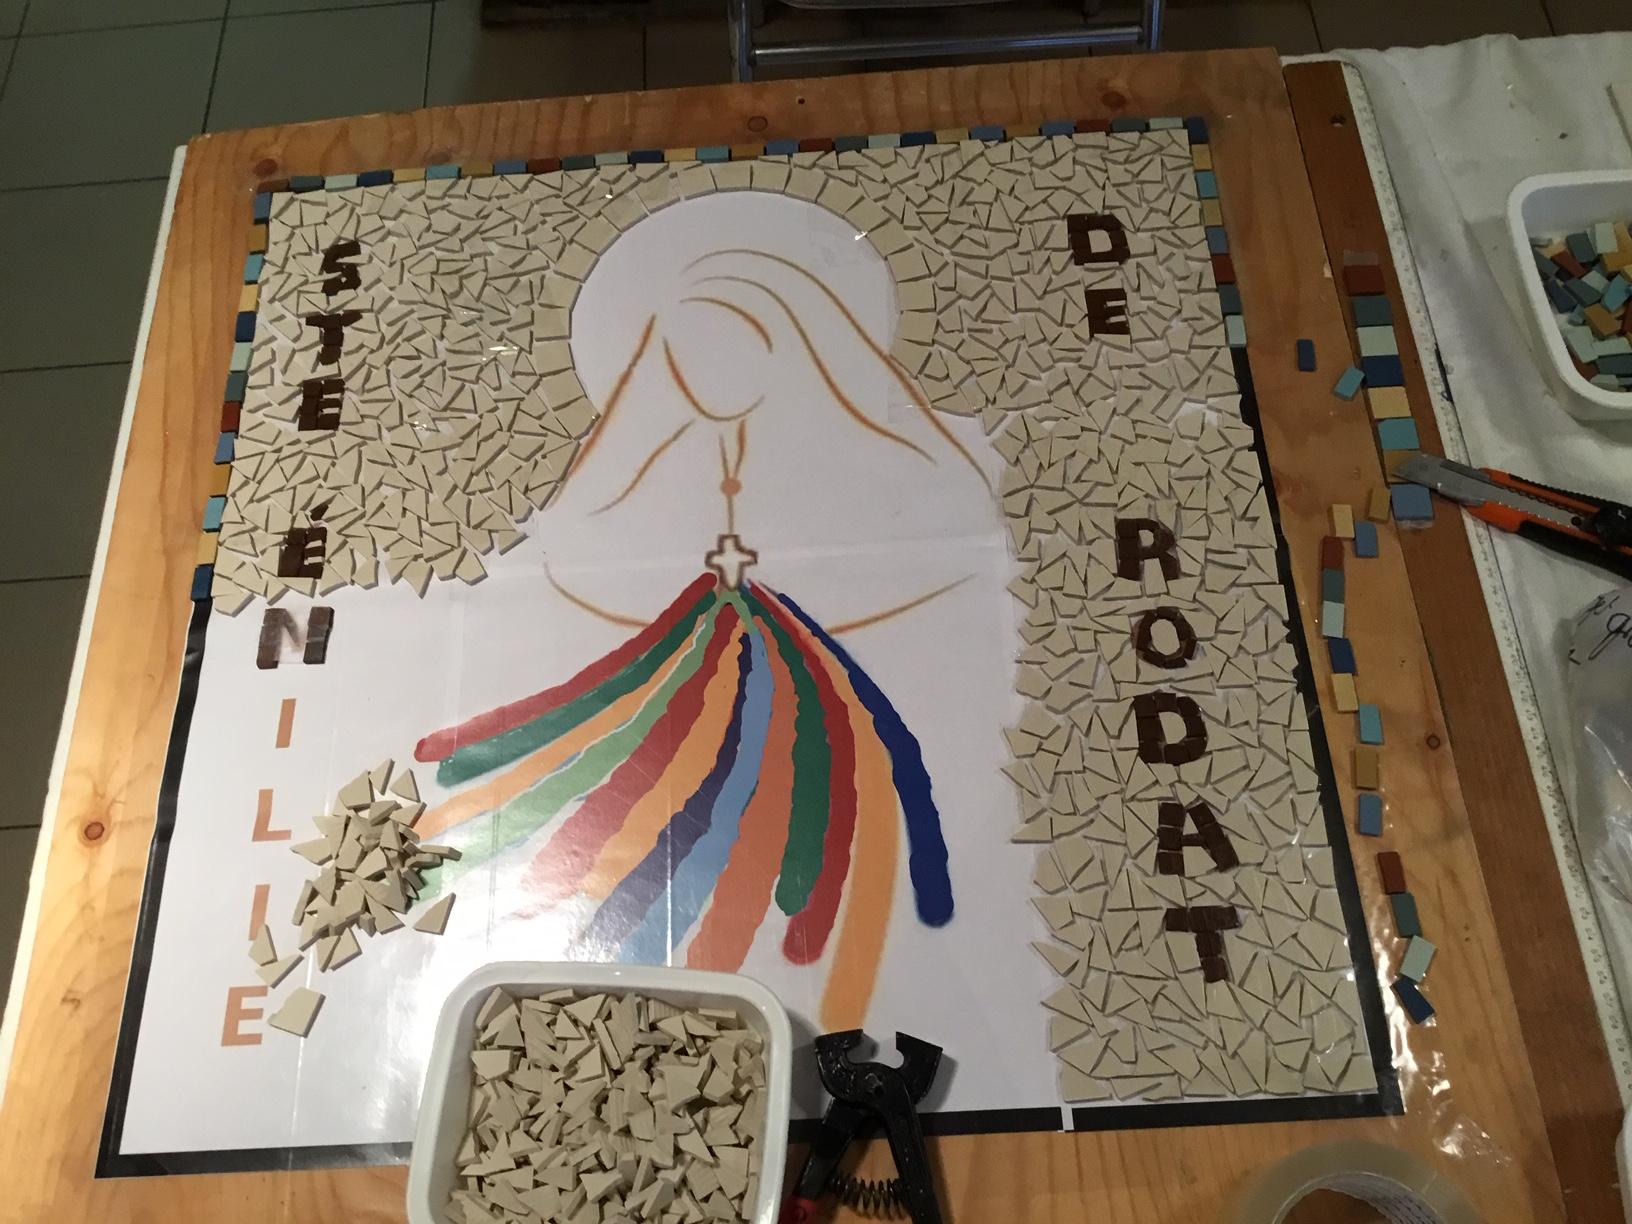 Cette journée s'appelle ART et FOI On vient me chercher toujours pour l'atelier mosaïque ,il y a beaucoup d'adeptes